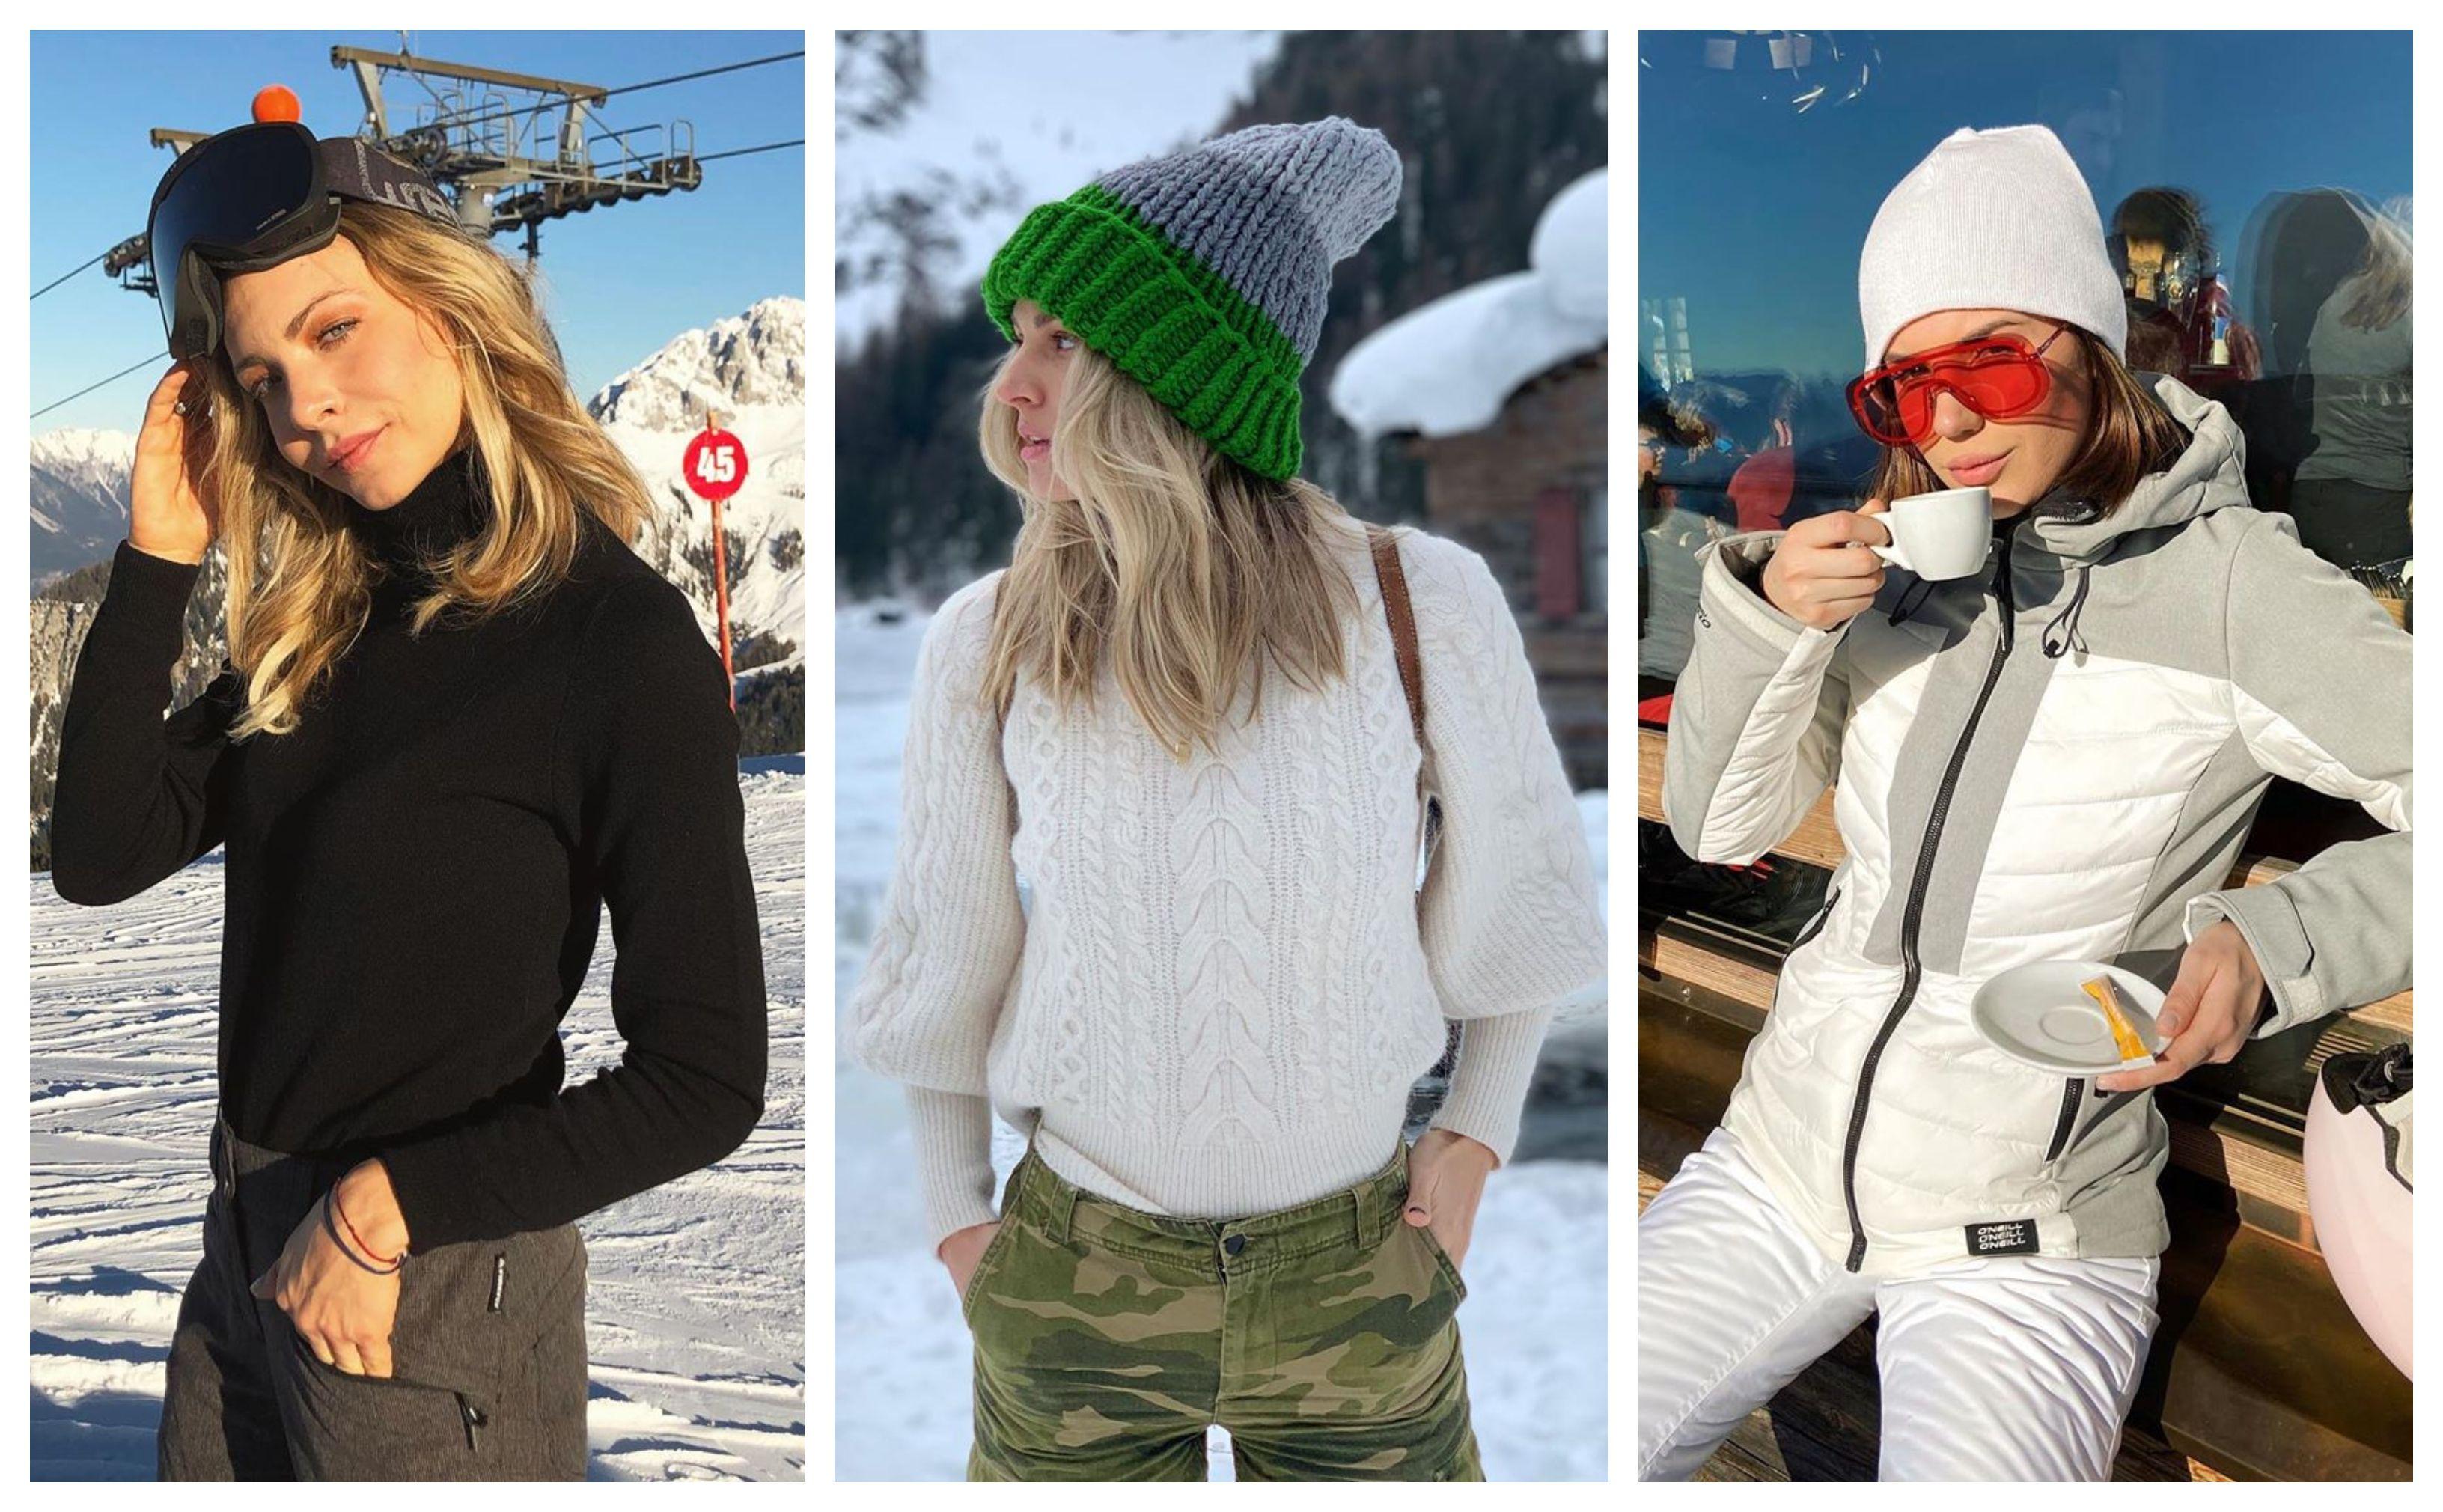 Domaće cure izgledaju stylish i na snijegu - izdvojili smo najbolje zimske kombinacije